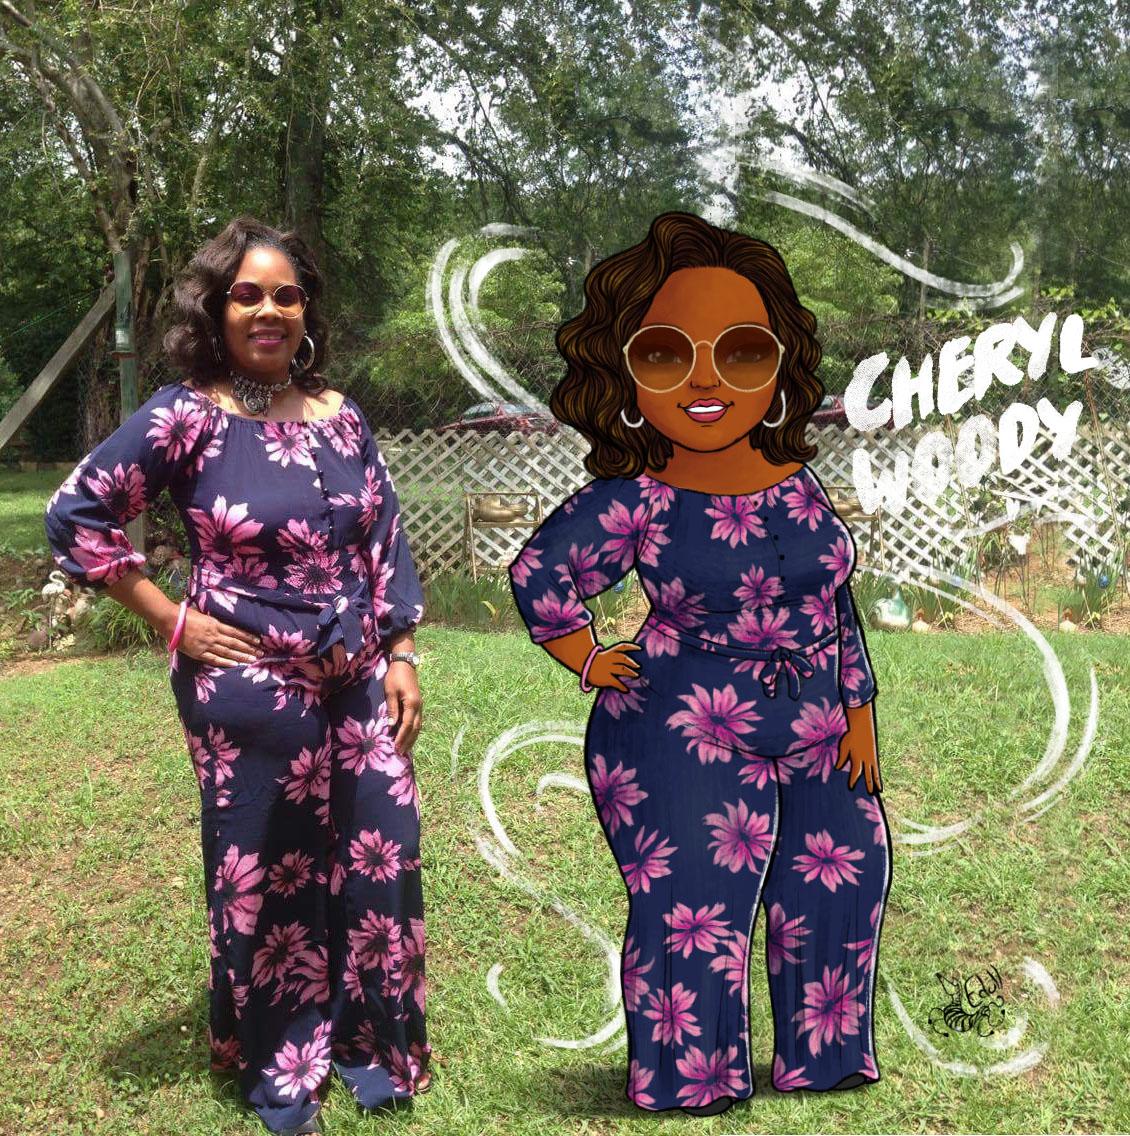 Cheryl by Edull